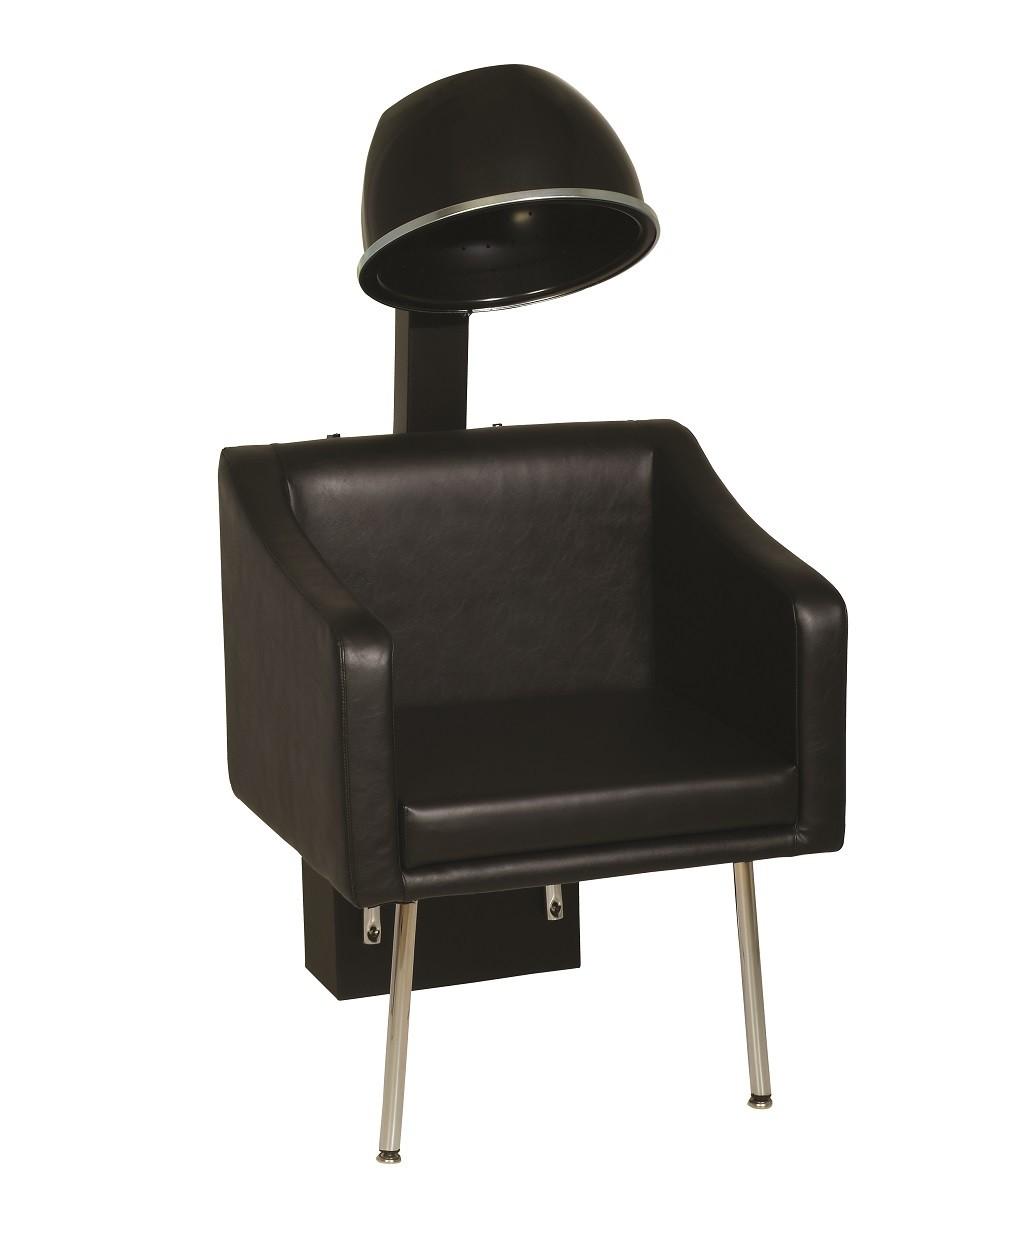 Belvedere LK13 Look Dryer Chair